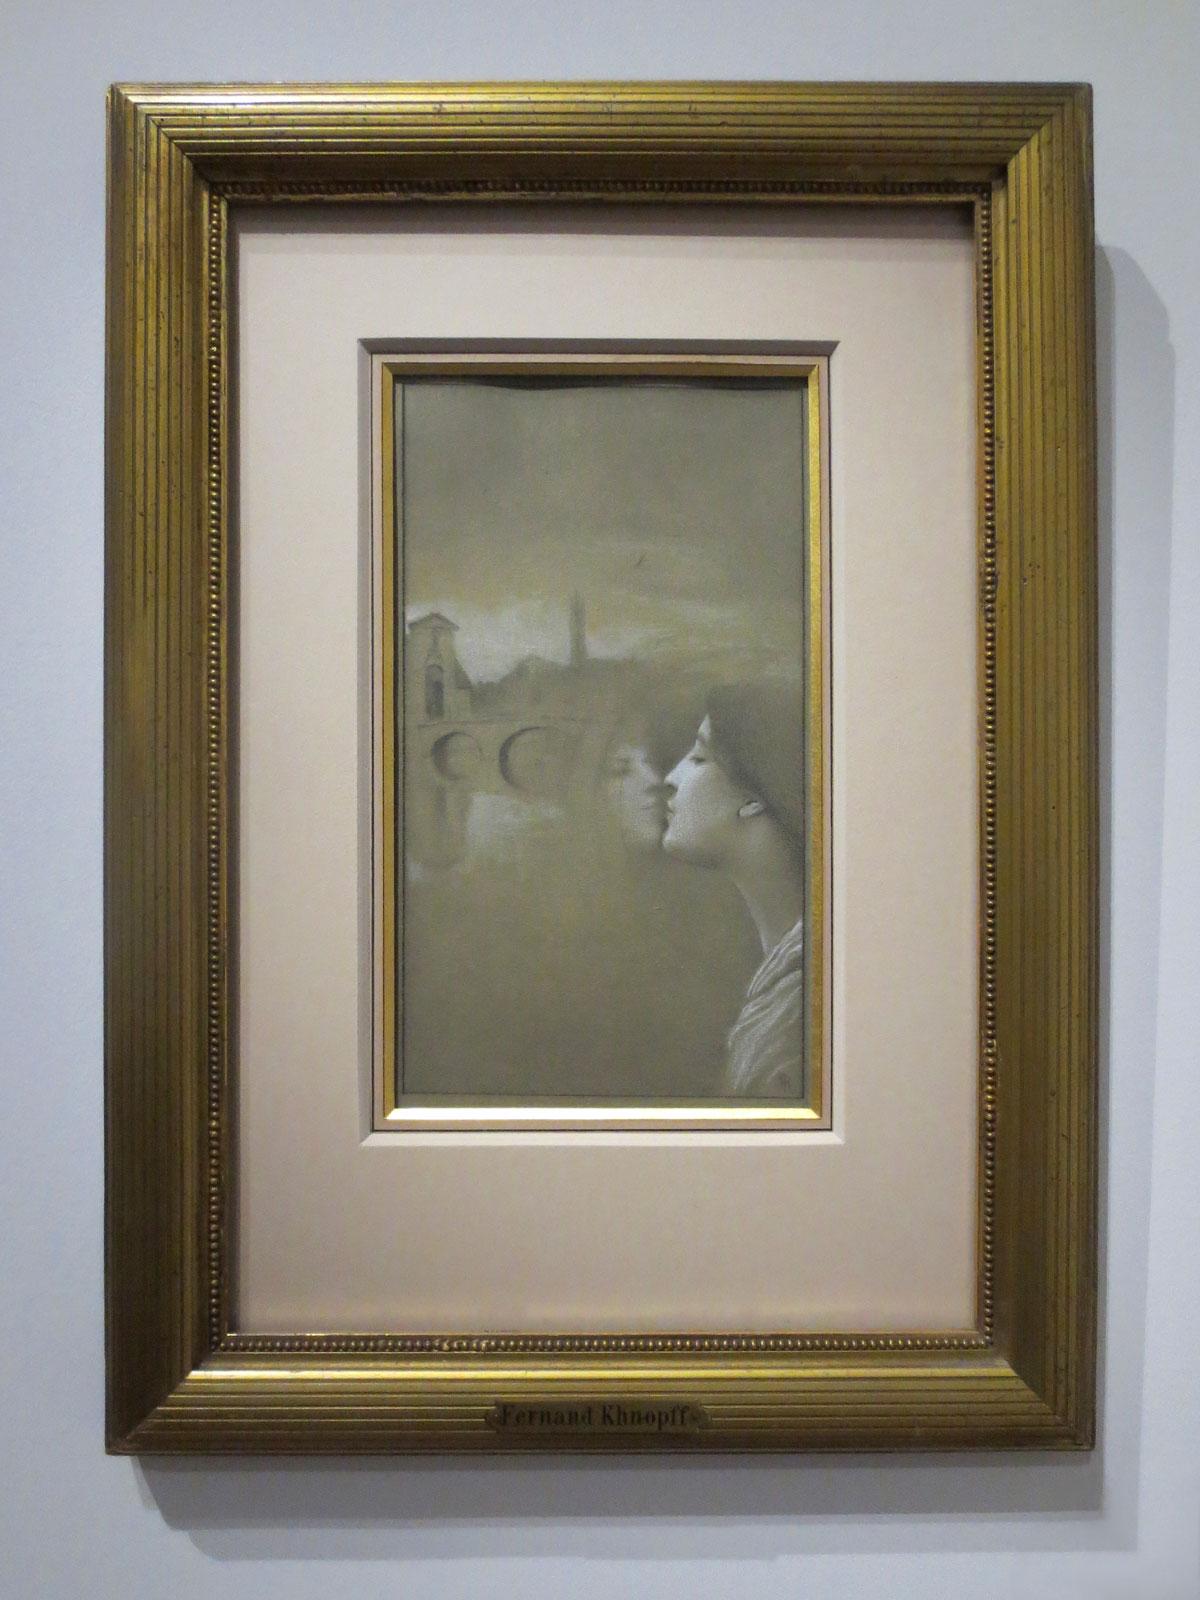 Fernand Khnopff, Avec Grégoire de Roy. Mon coeur pleure d'autrefois, 1889